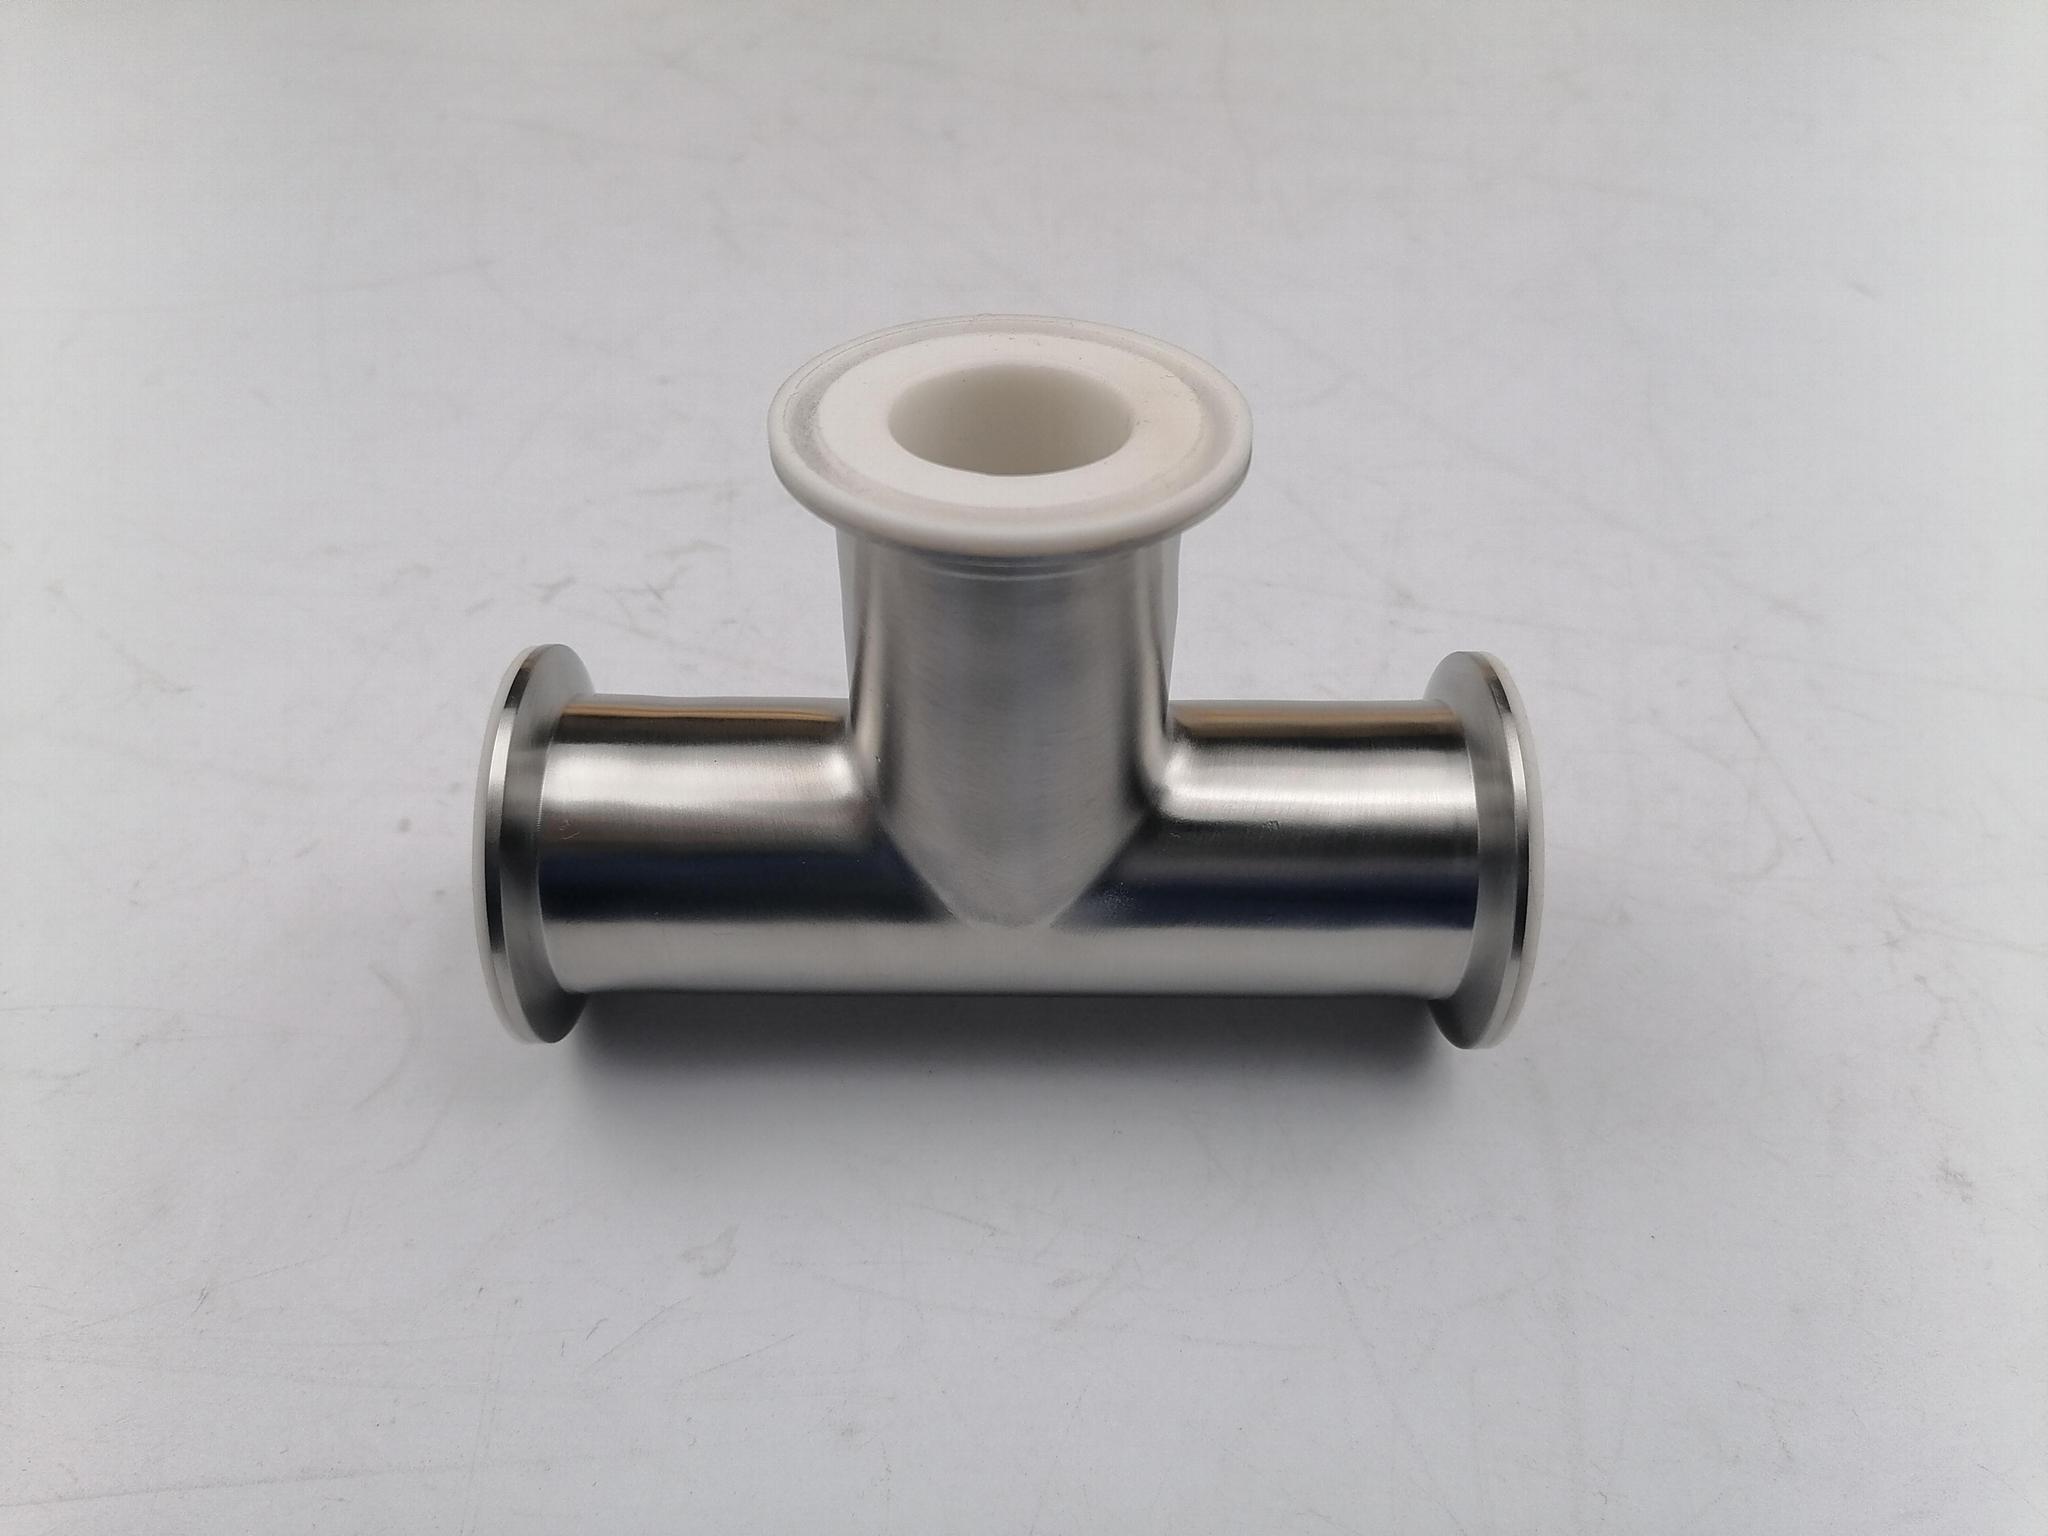 卫生级快装衬氟三通  衬氟三通 衬氟管道及配件 3